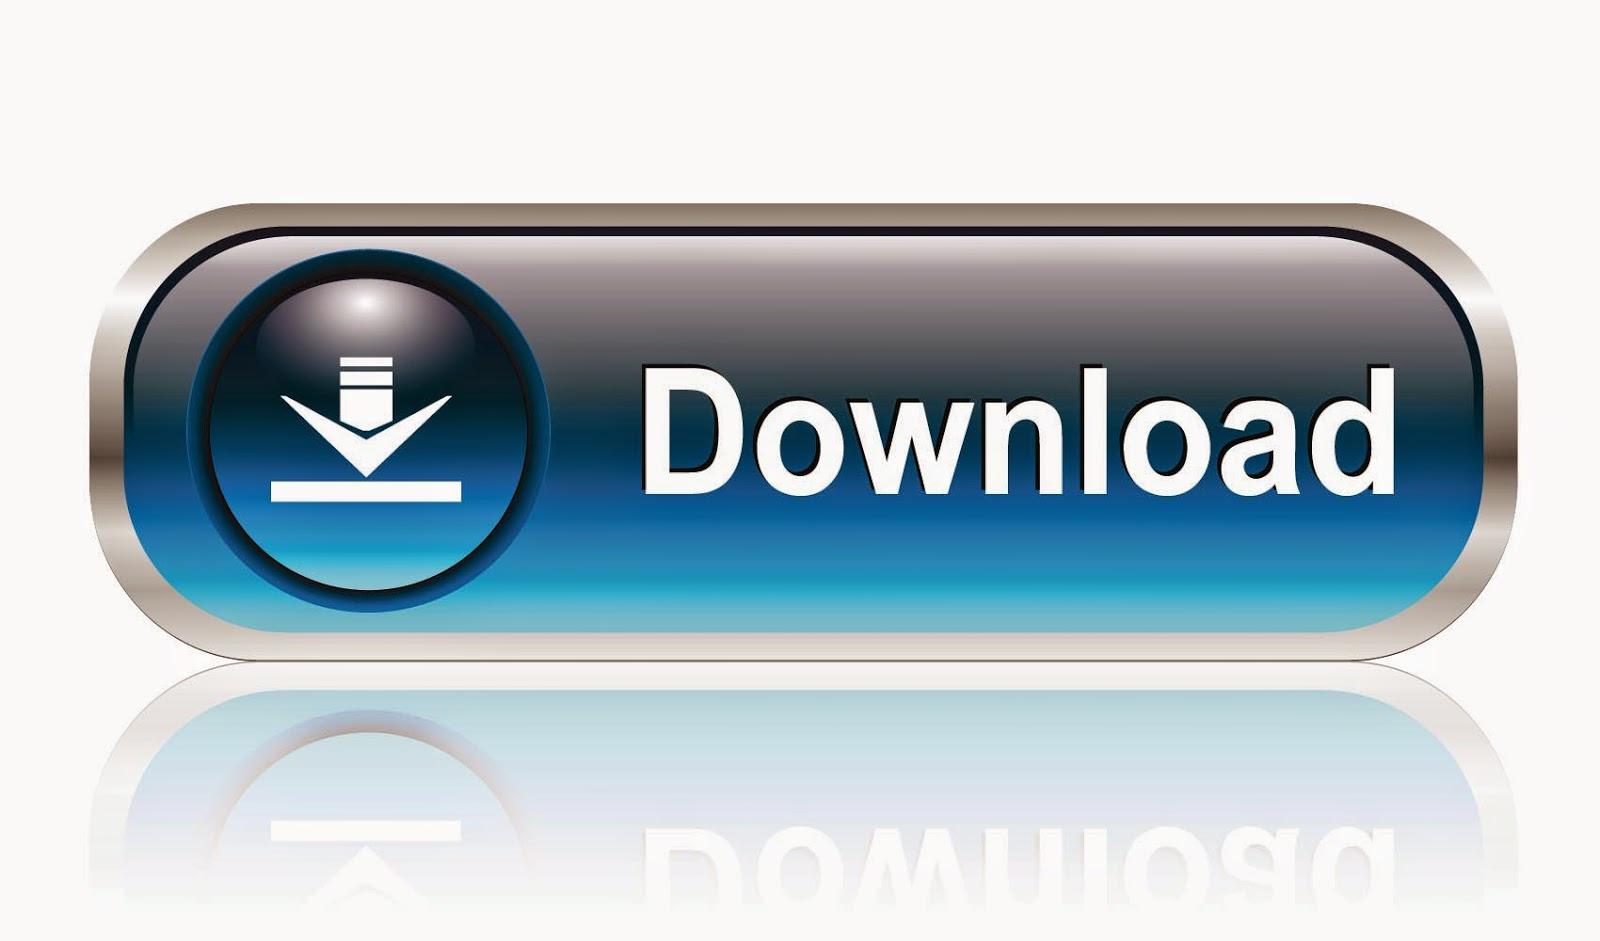 """<img src=""""http://4.bp.blogspot.com/-VNO-JE8NDoM/U1TS3JASBpI/AAAAAAAACY0/sPTWPgpmovo/s1600/opera-free-download.jpg"""" alt=""""Opera 20.0.1387.91 Free Download"""" />"""